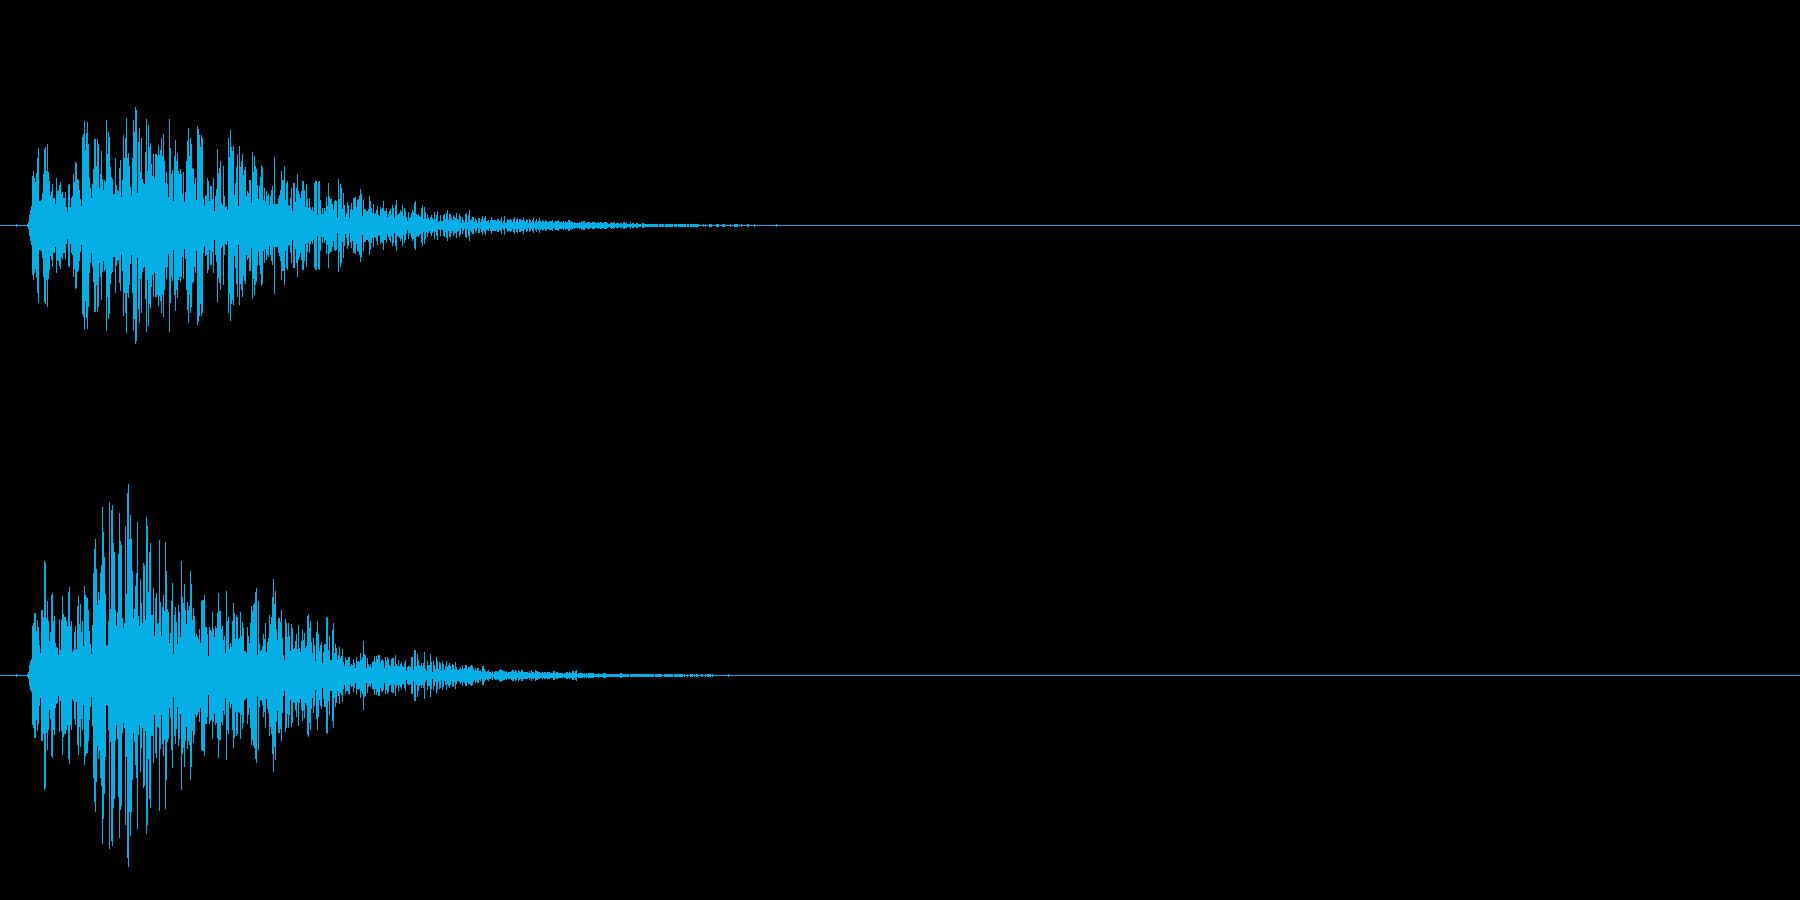 ダダーン! 発射音  爆発音  場面転換の再生済みの波形